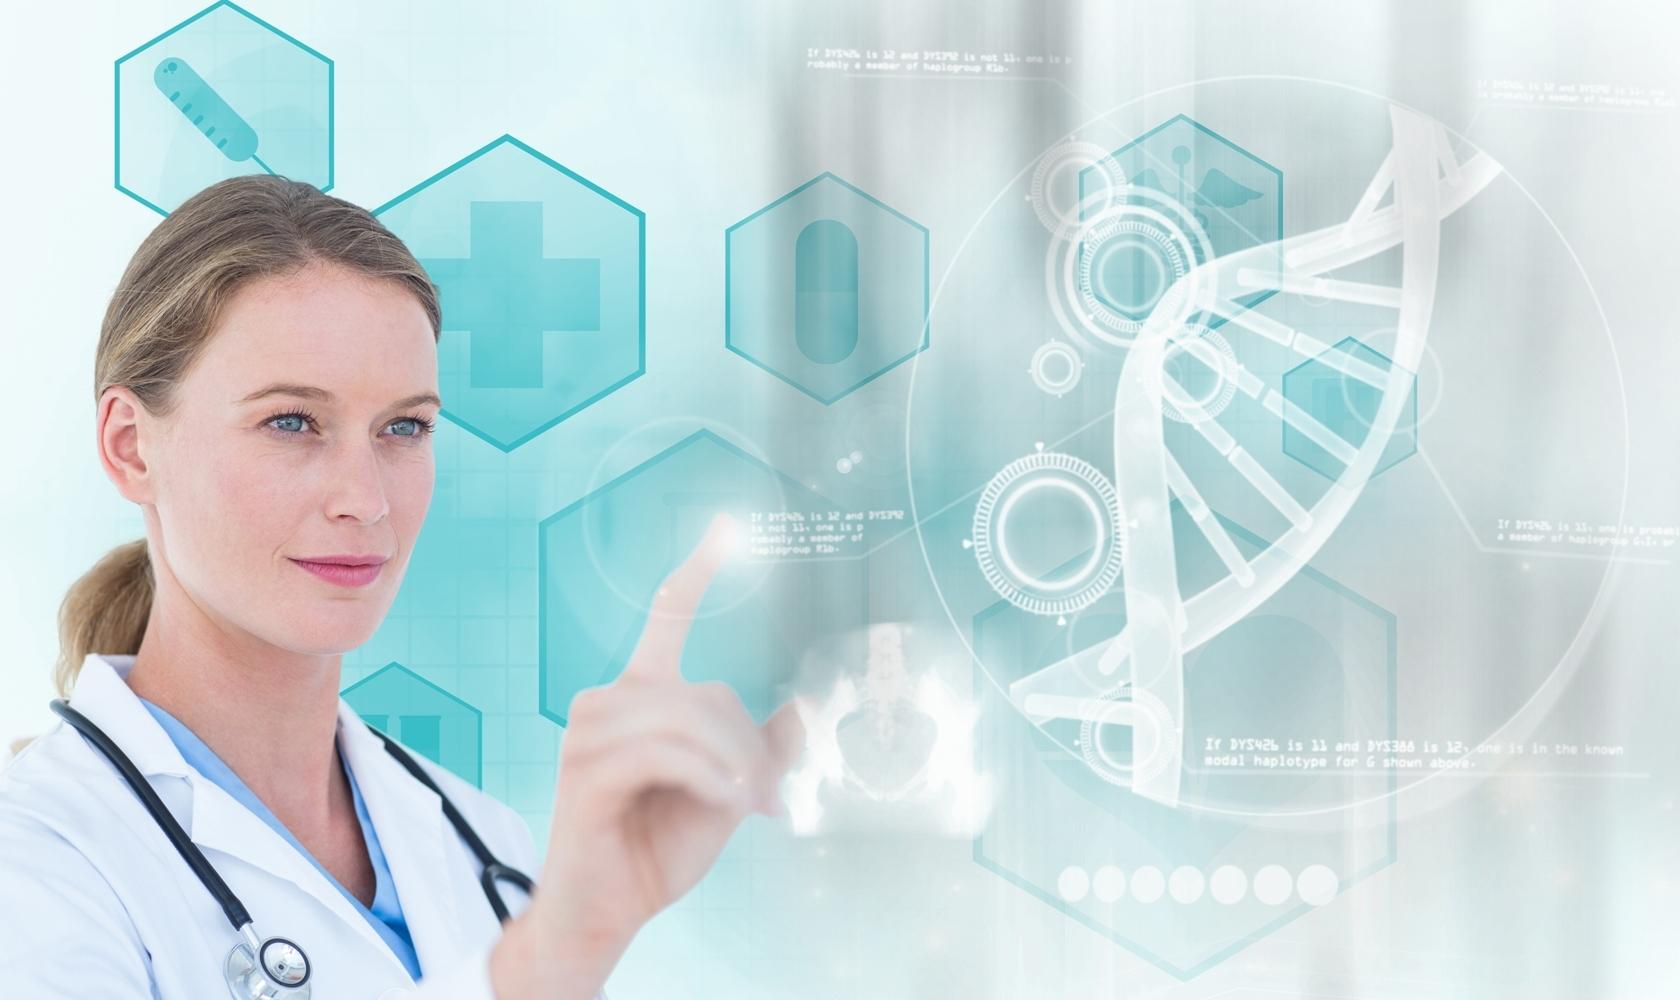 Prečo lekári potrebujú moderný softvér do svojej ambulancie?